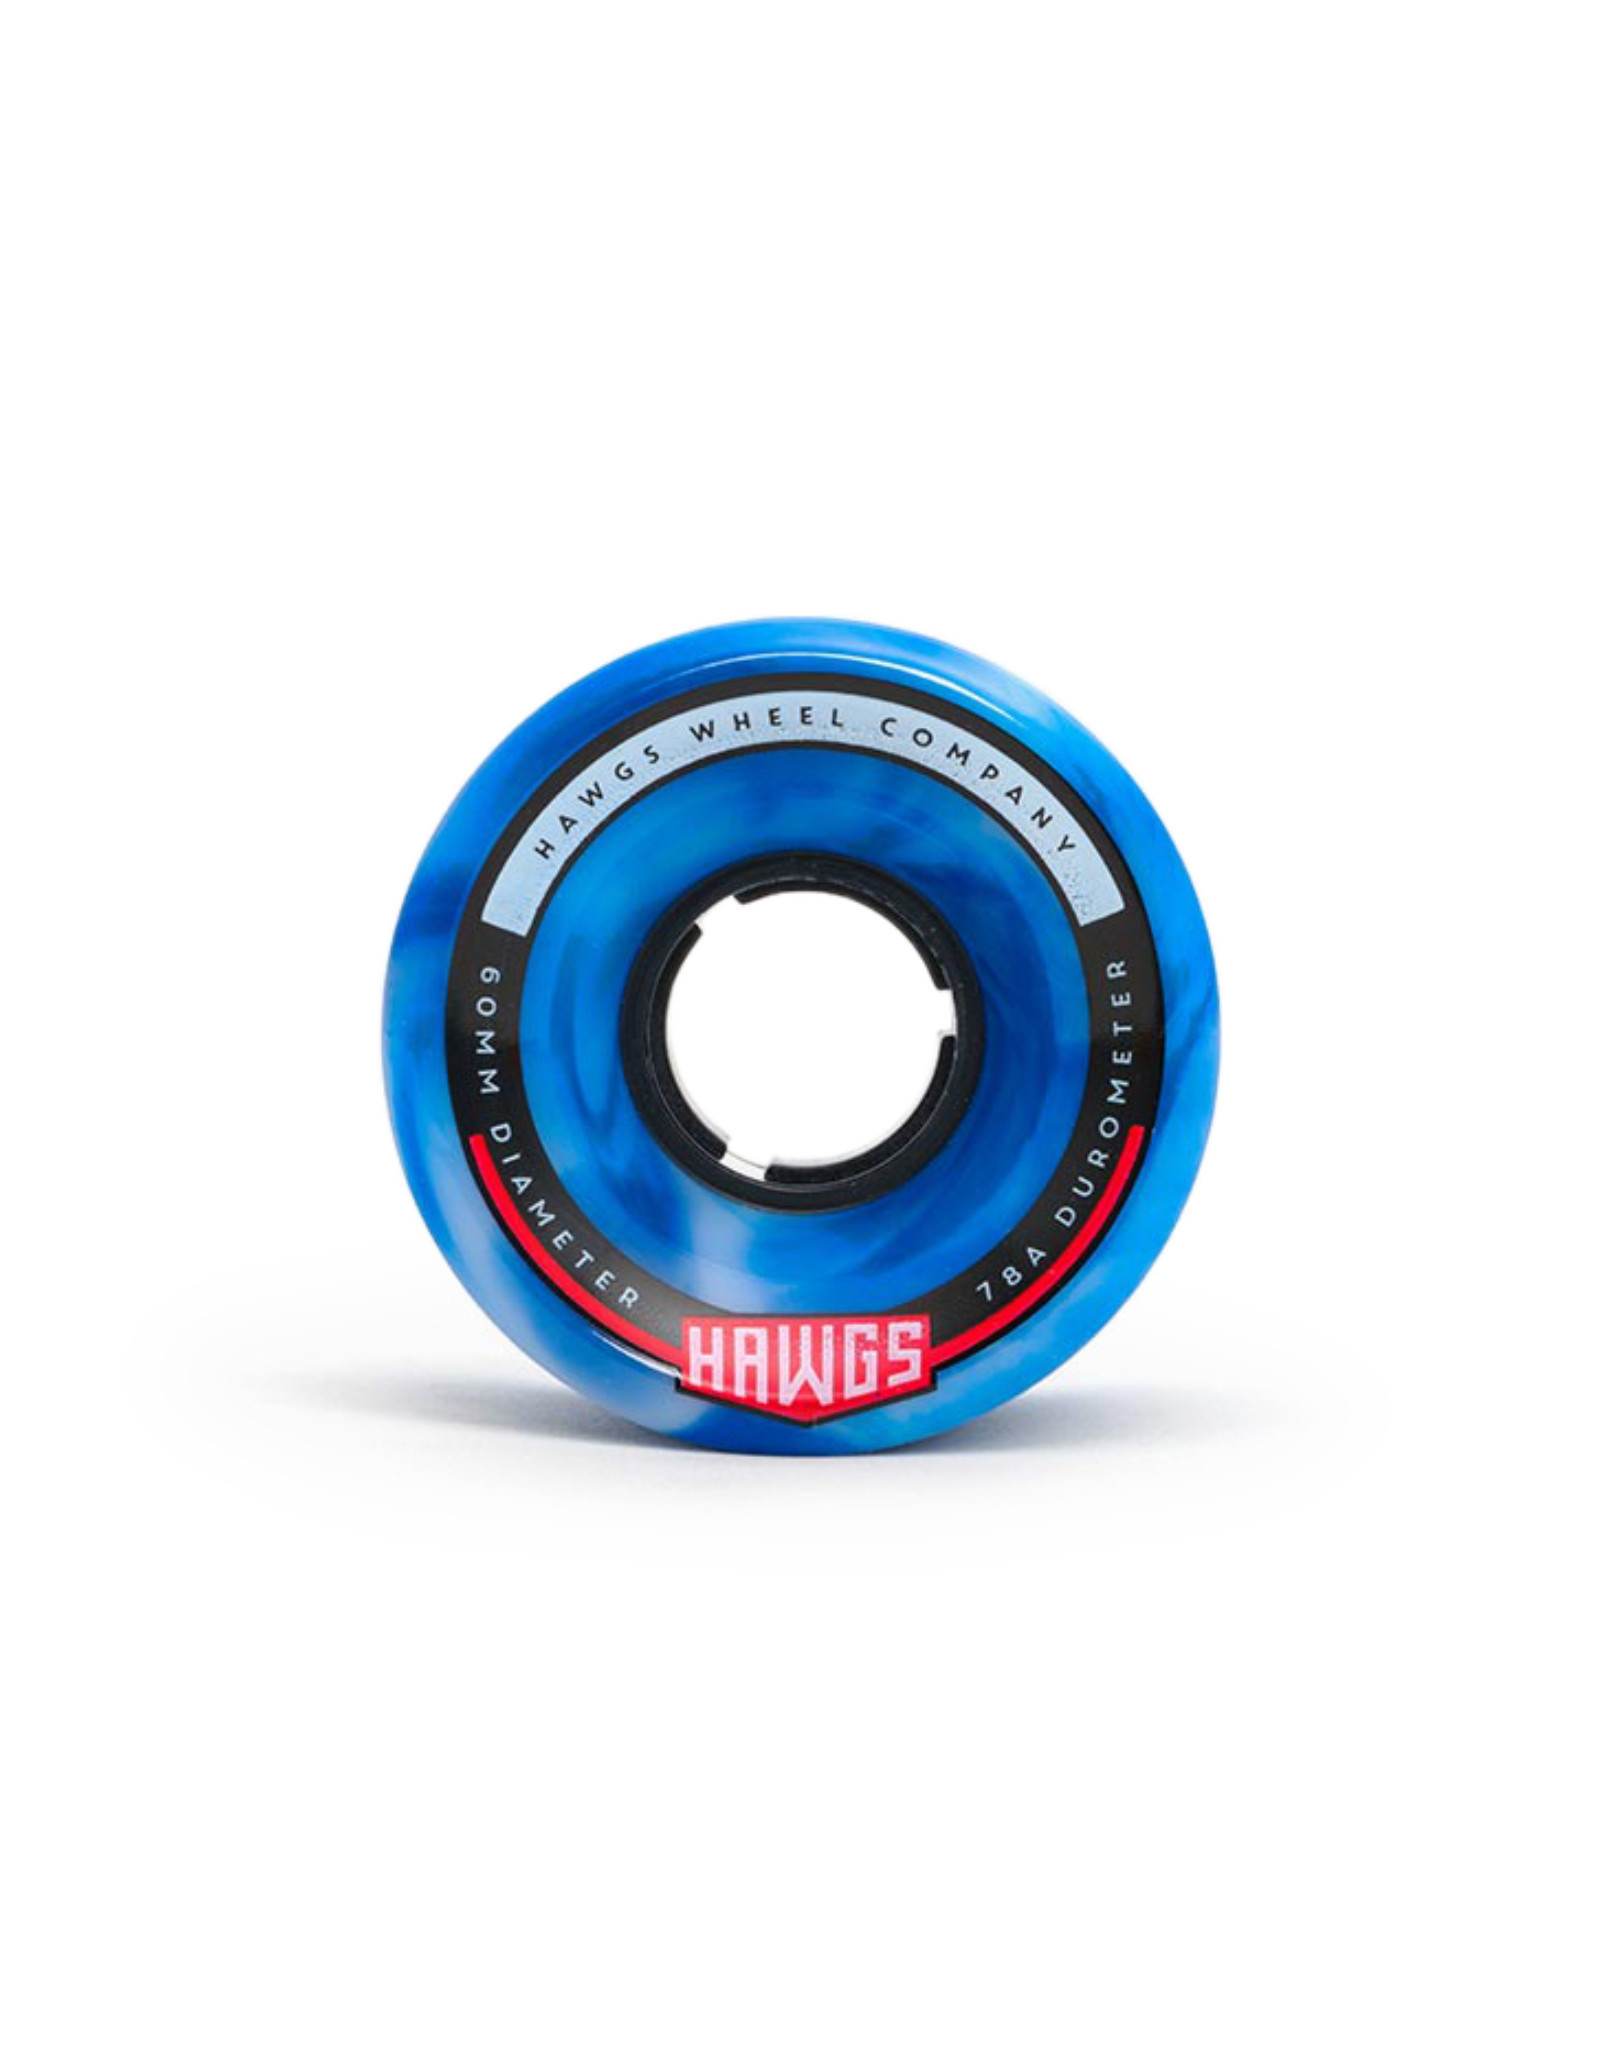 Hawgs Wheels Hawgs Chubby Wheels 60 mm 78A Blue/White Swirl Set of 4